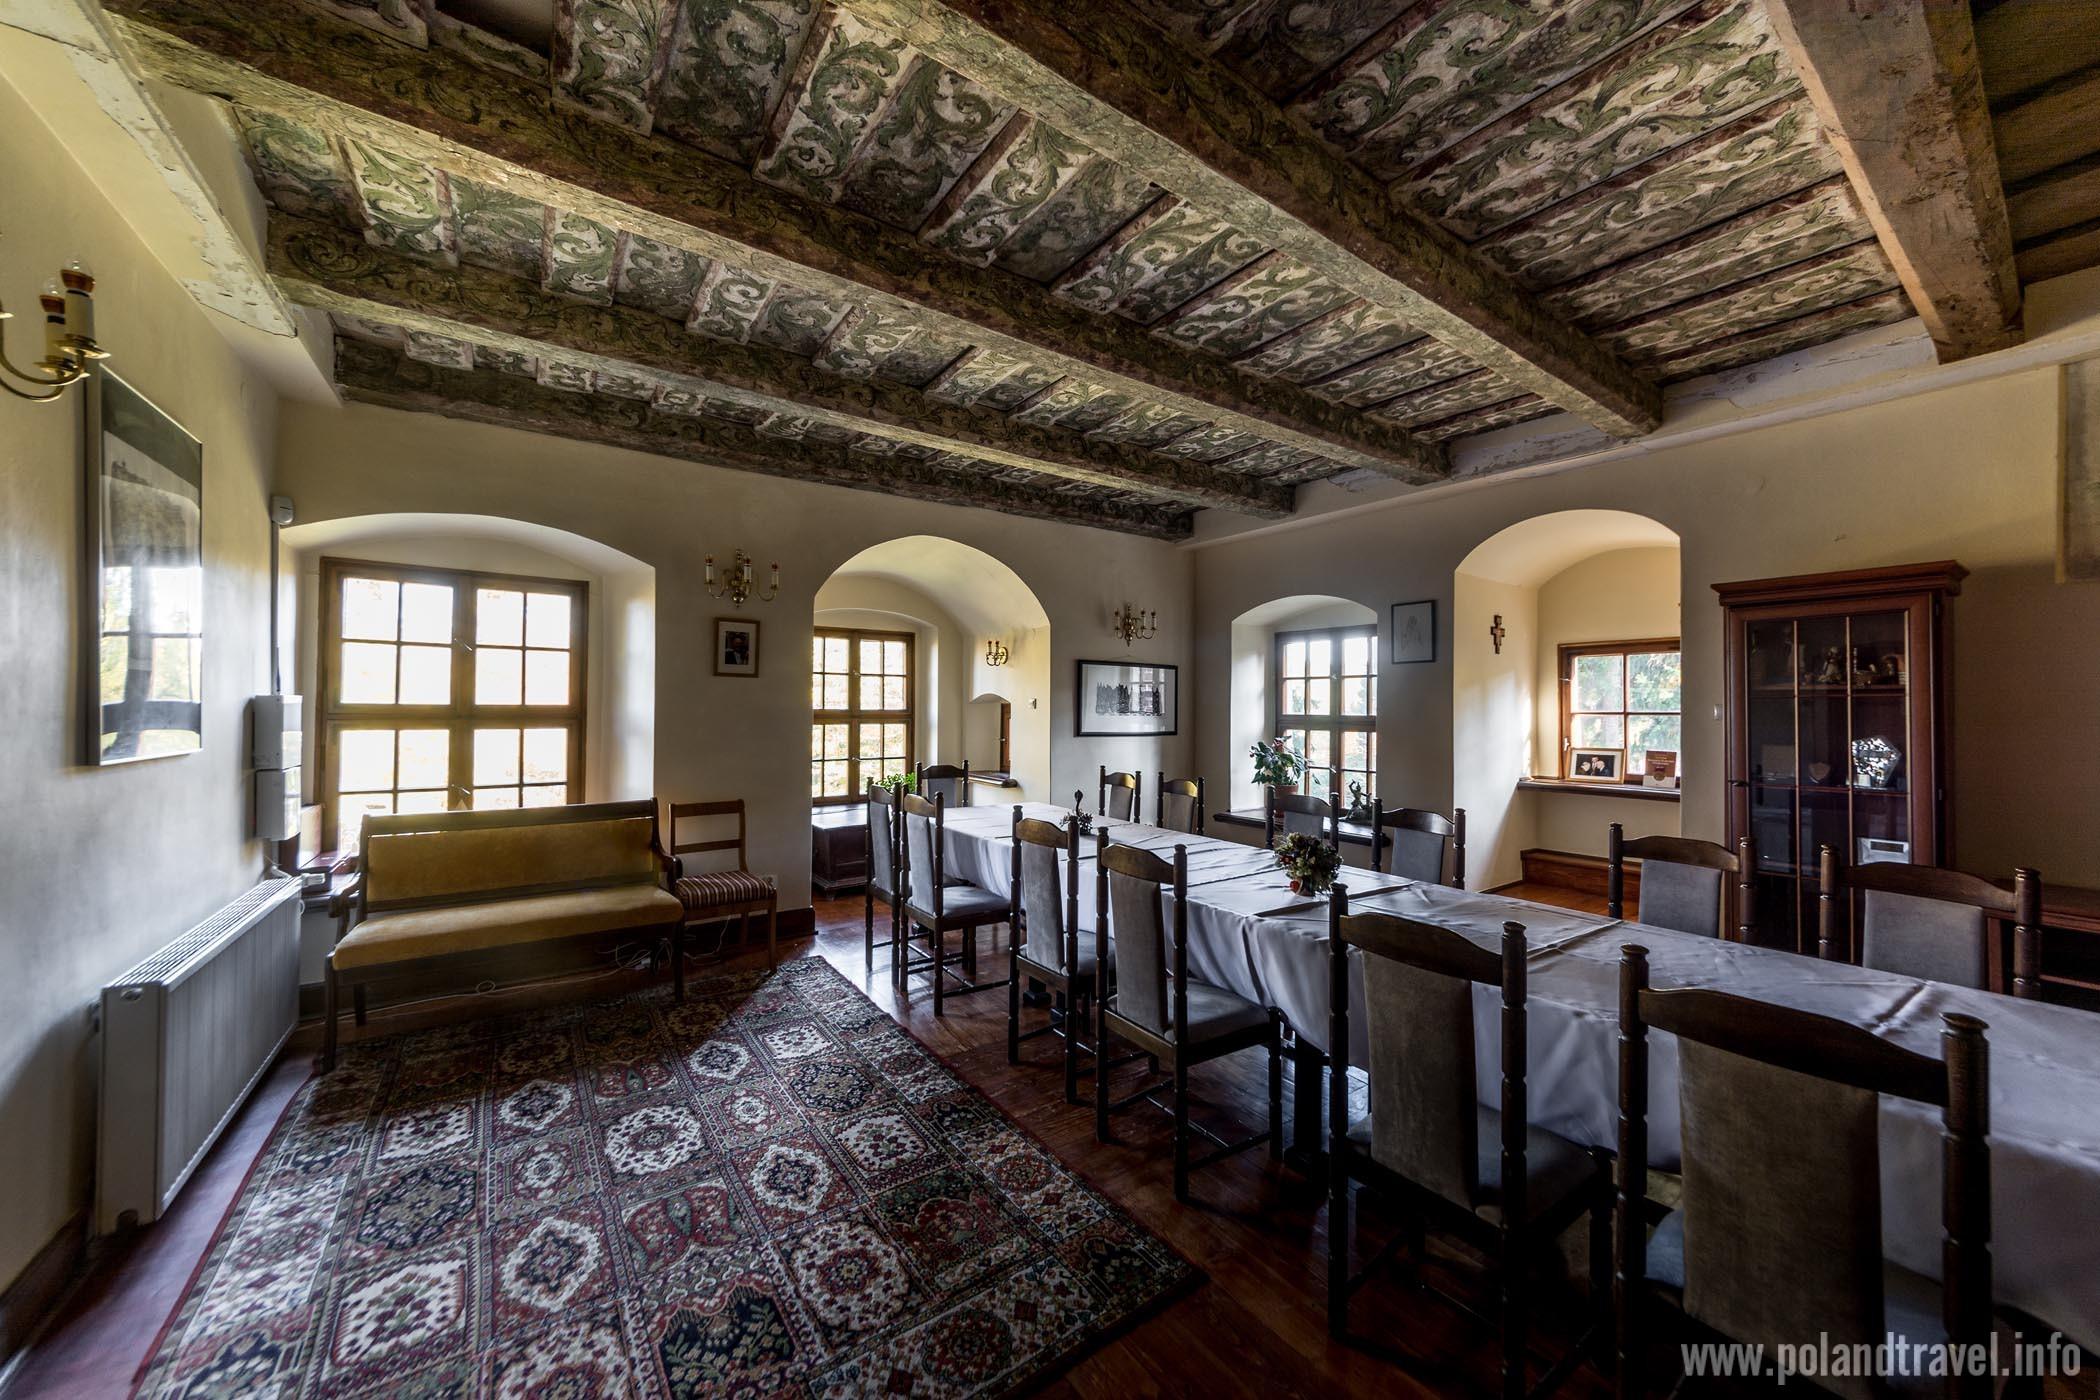 Zamek Wojnowice, Gmina Miękinia, wnętrza zamkowe, komnata z czterema oknami, długim stołem i bardzo pięknie malowanym drewnianym stropem